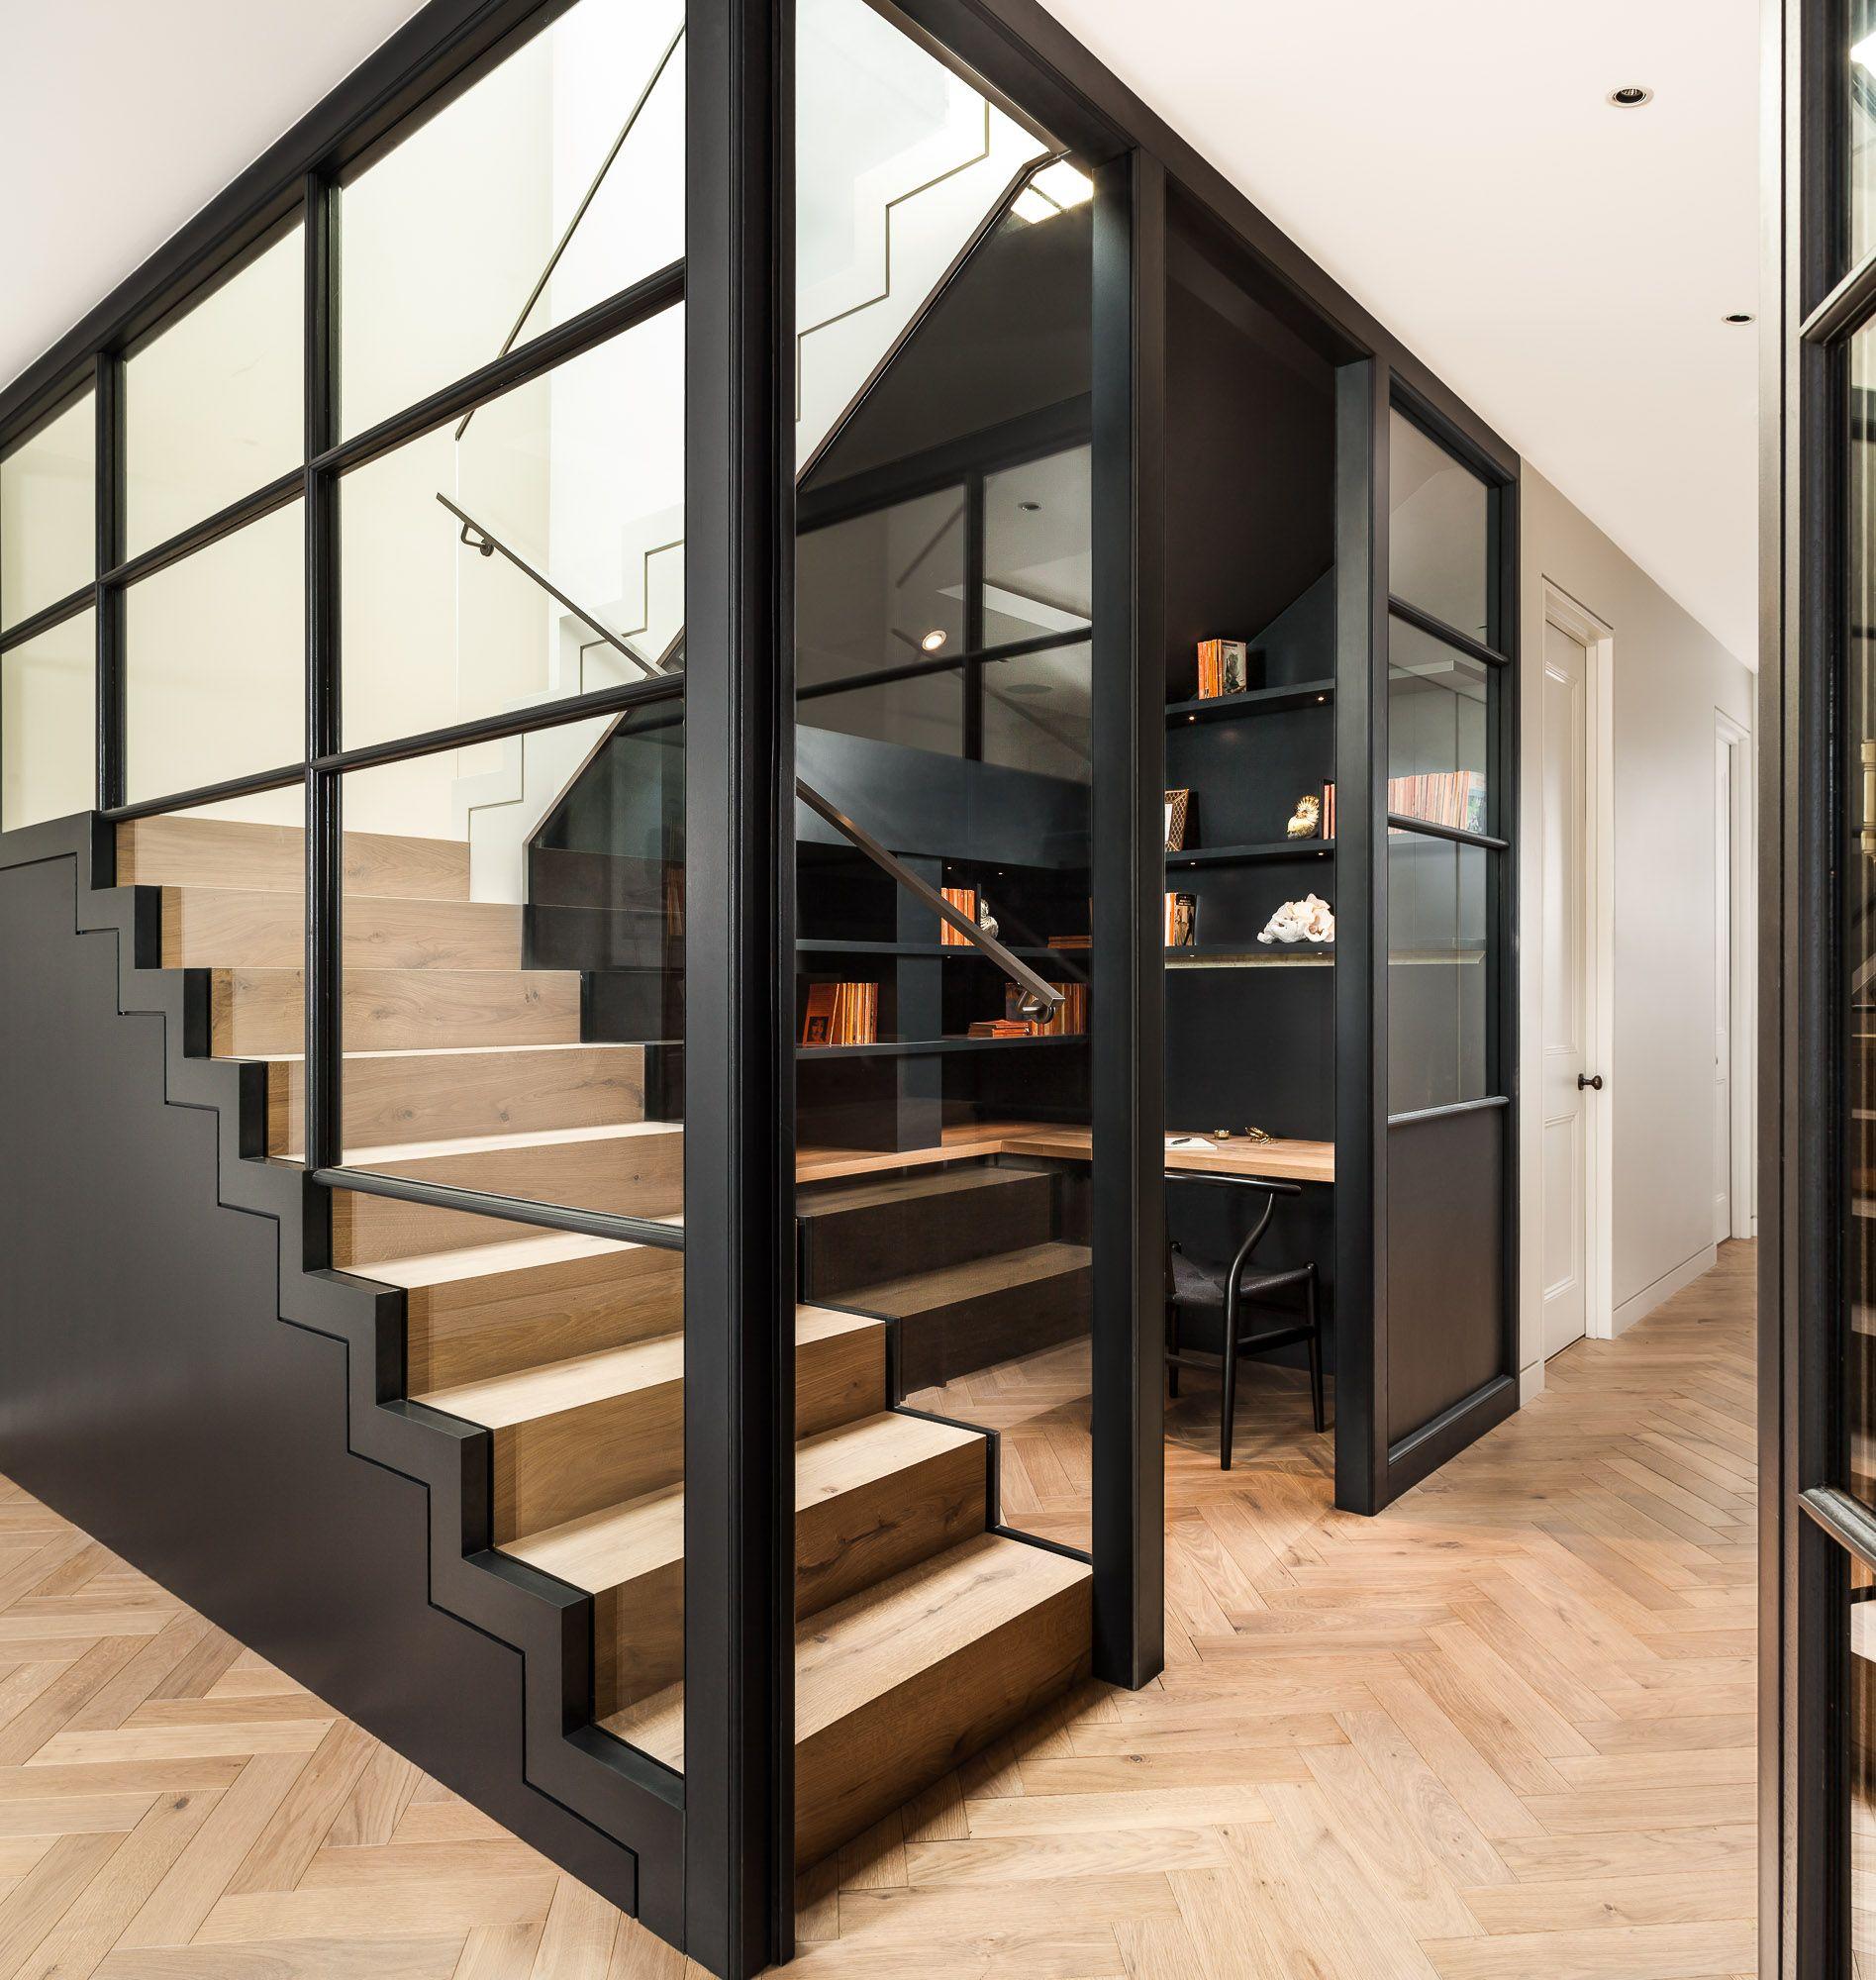 Photo of Trapp, svart, detalj, romskille, vinduer, arbeidsområde